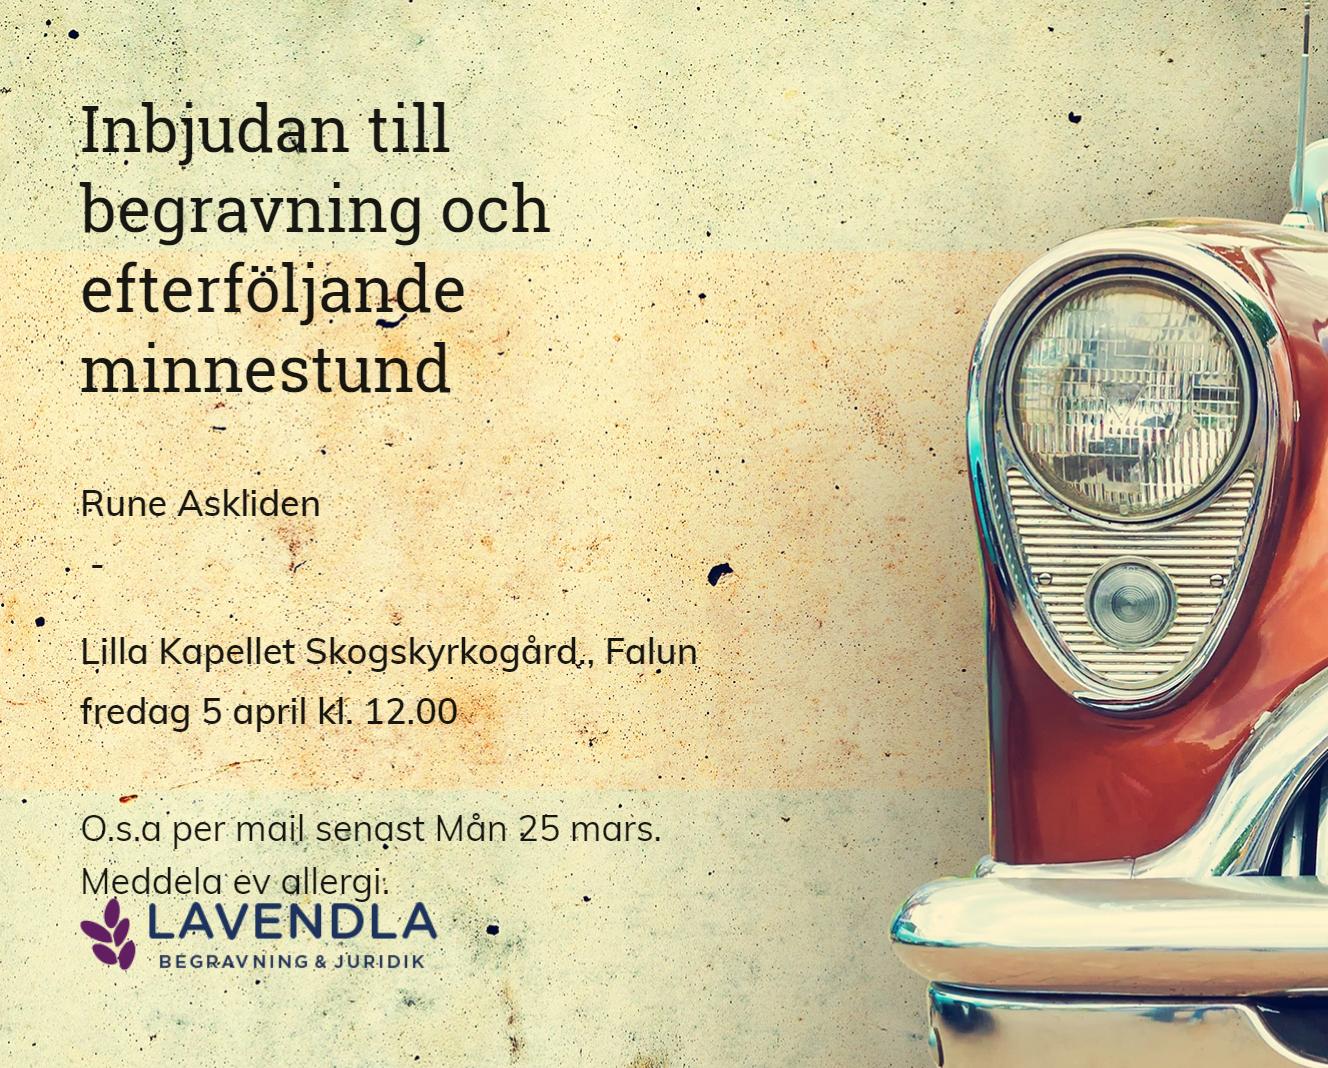 Inbjudningskort till ceremonin för Rune Askliden